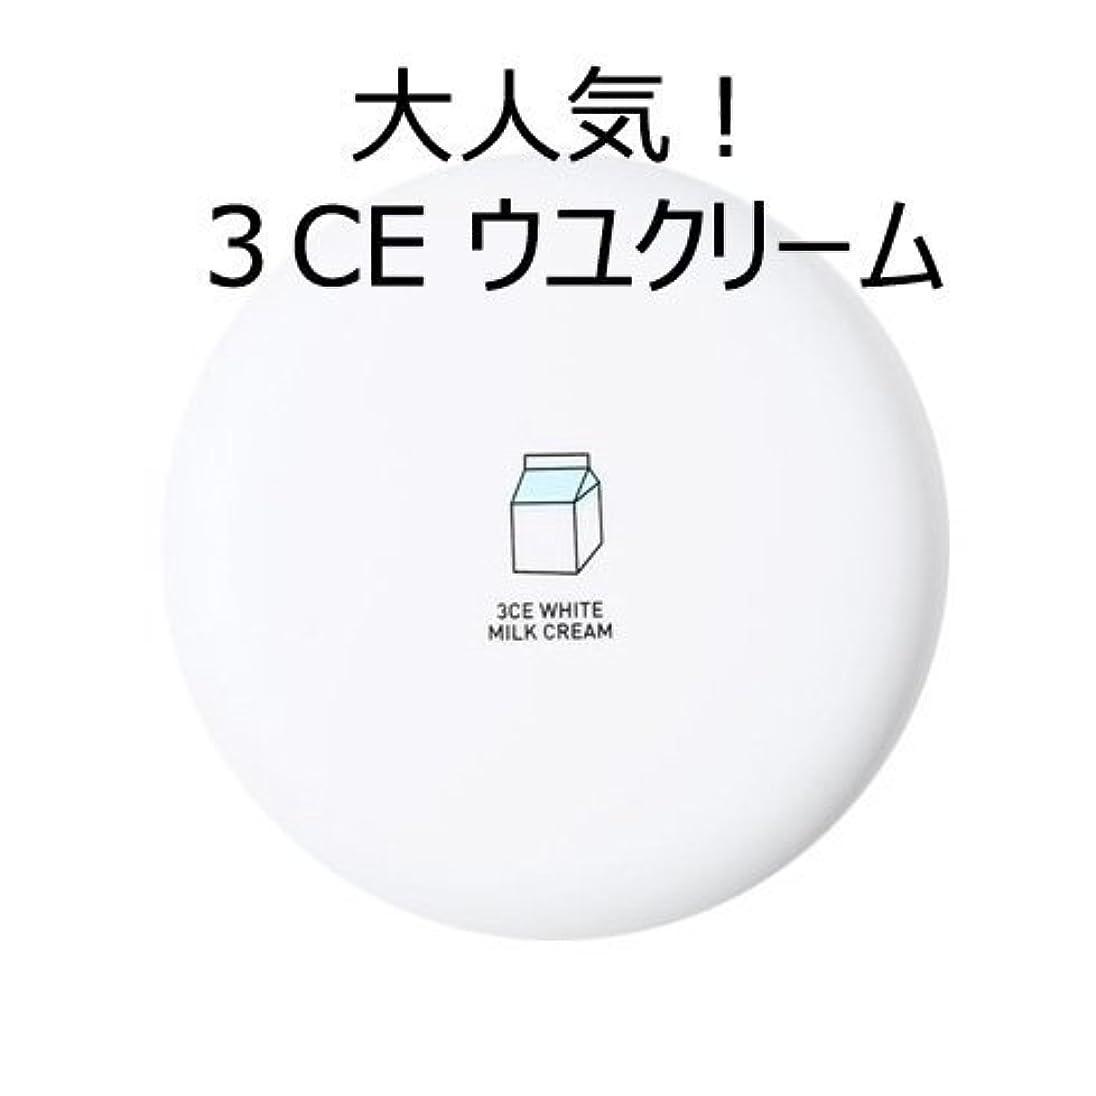 ラリー九月大洪水[3CE] [大人気!話題のウユクリーム] 3CE White Milk Cream [並行輸入品]